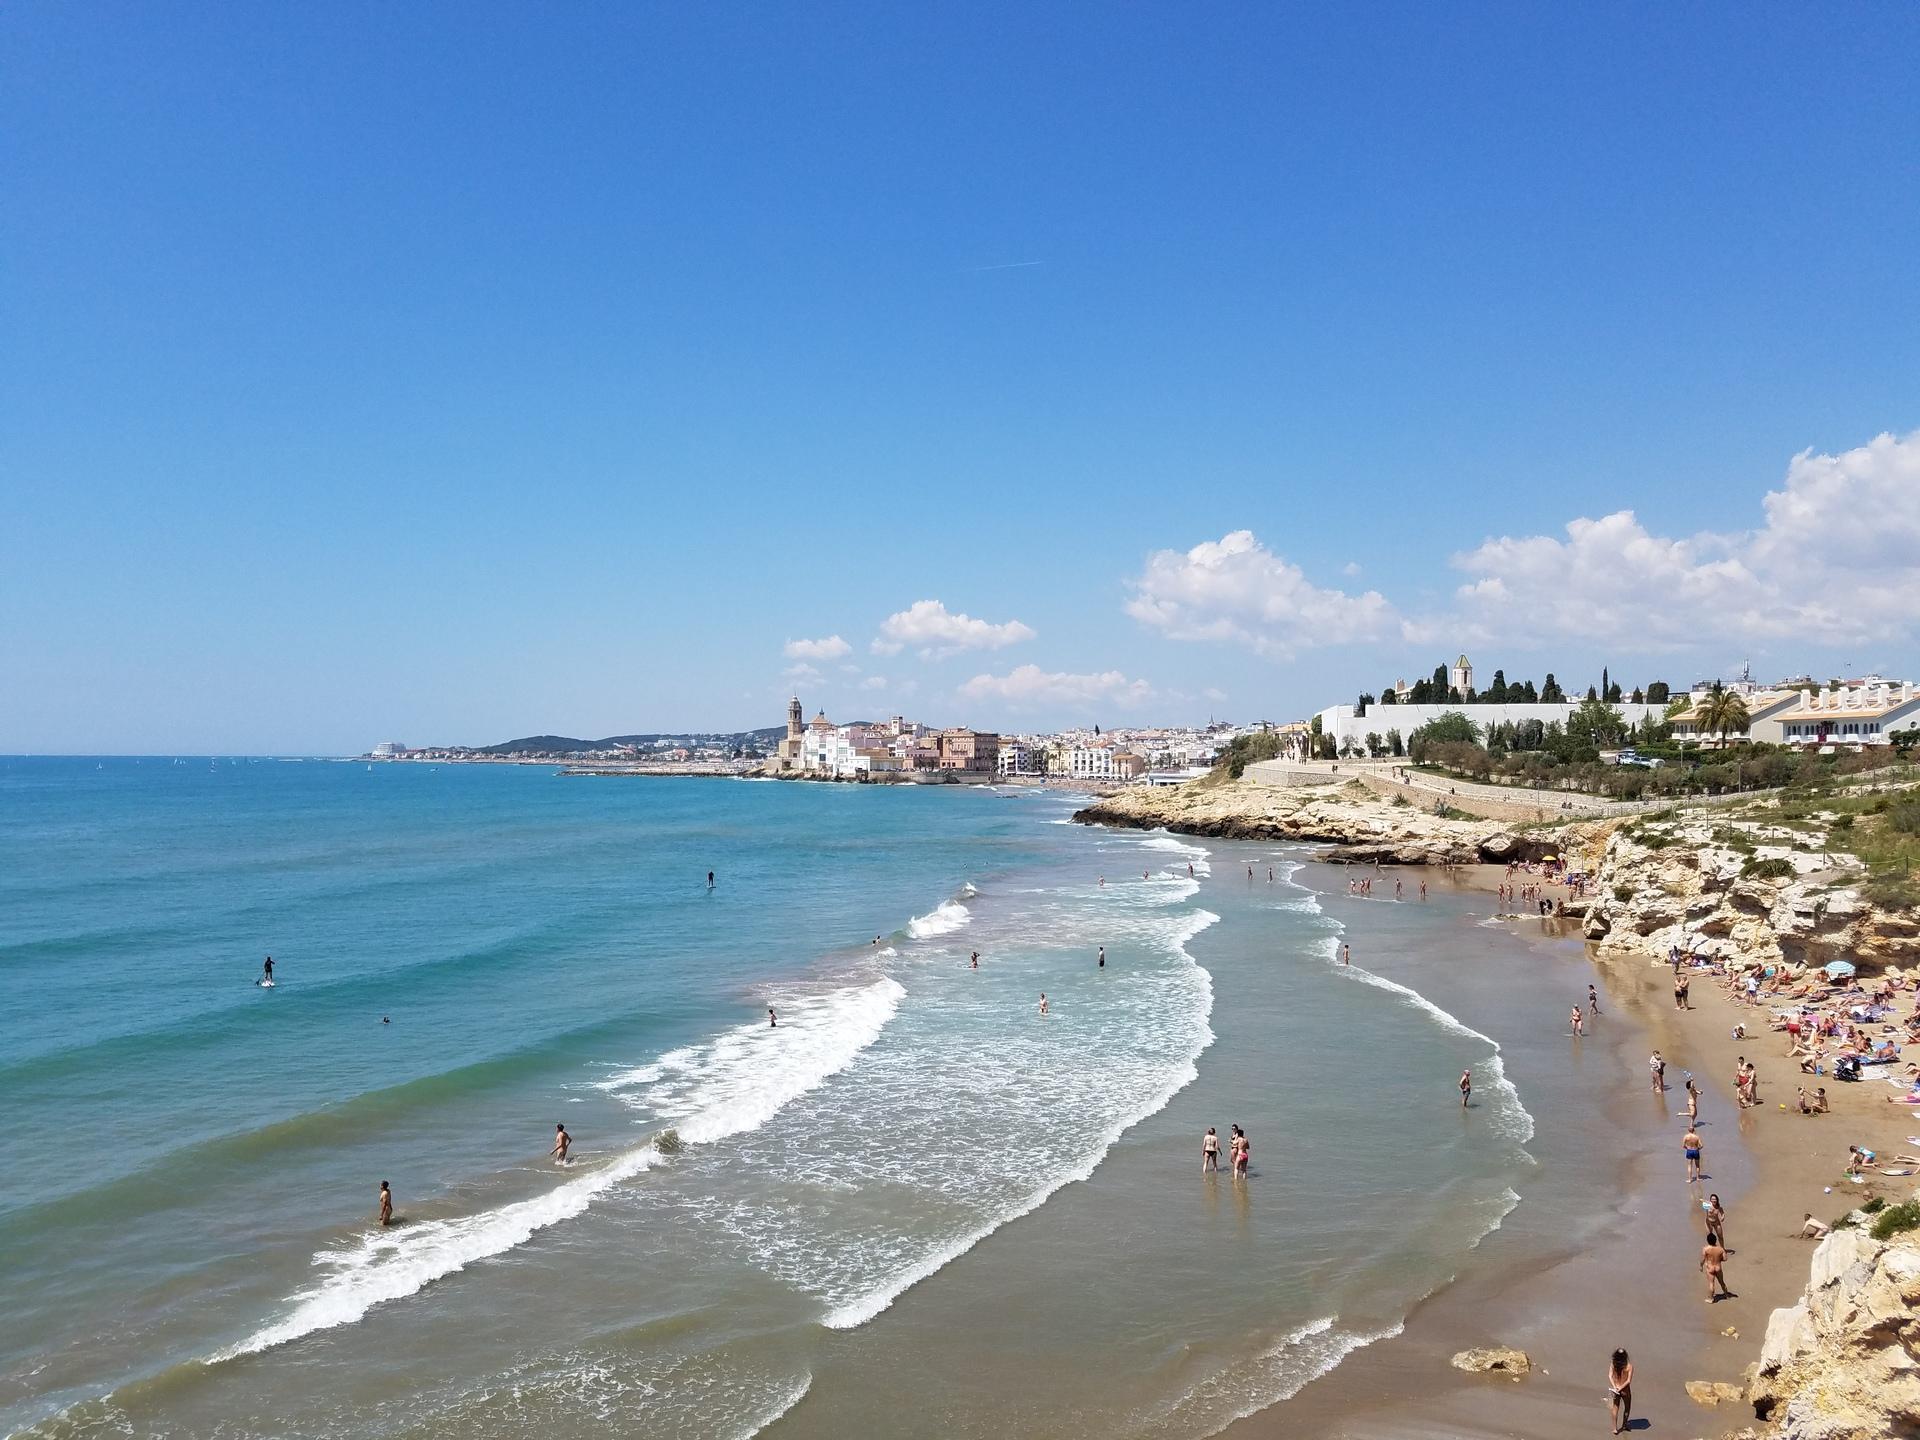 Surf at beach Sitges, Spain